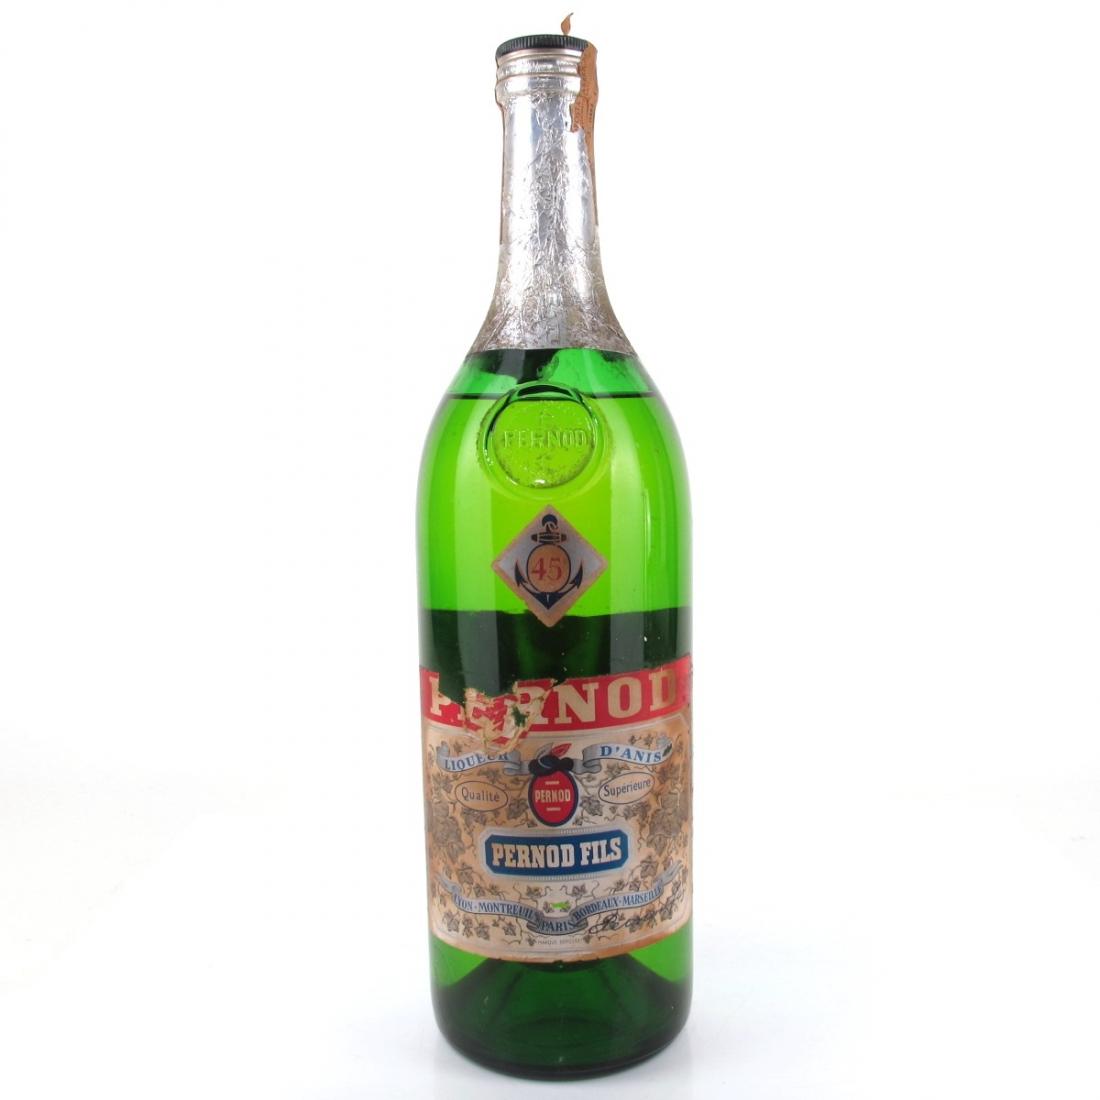 Pernod 45 Liqueur 1960s